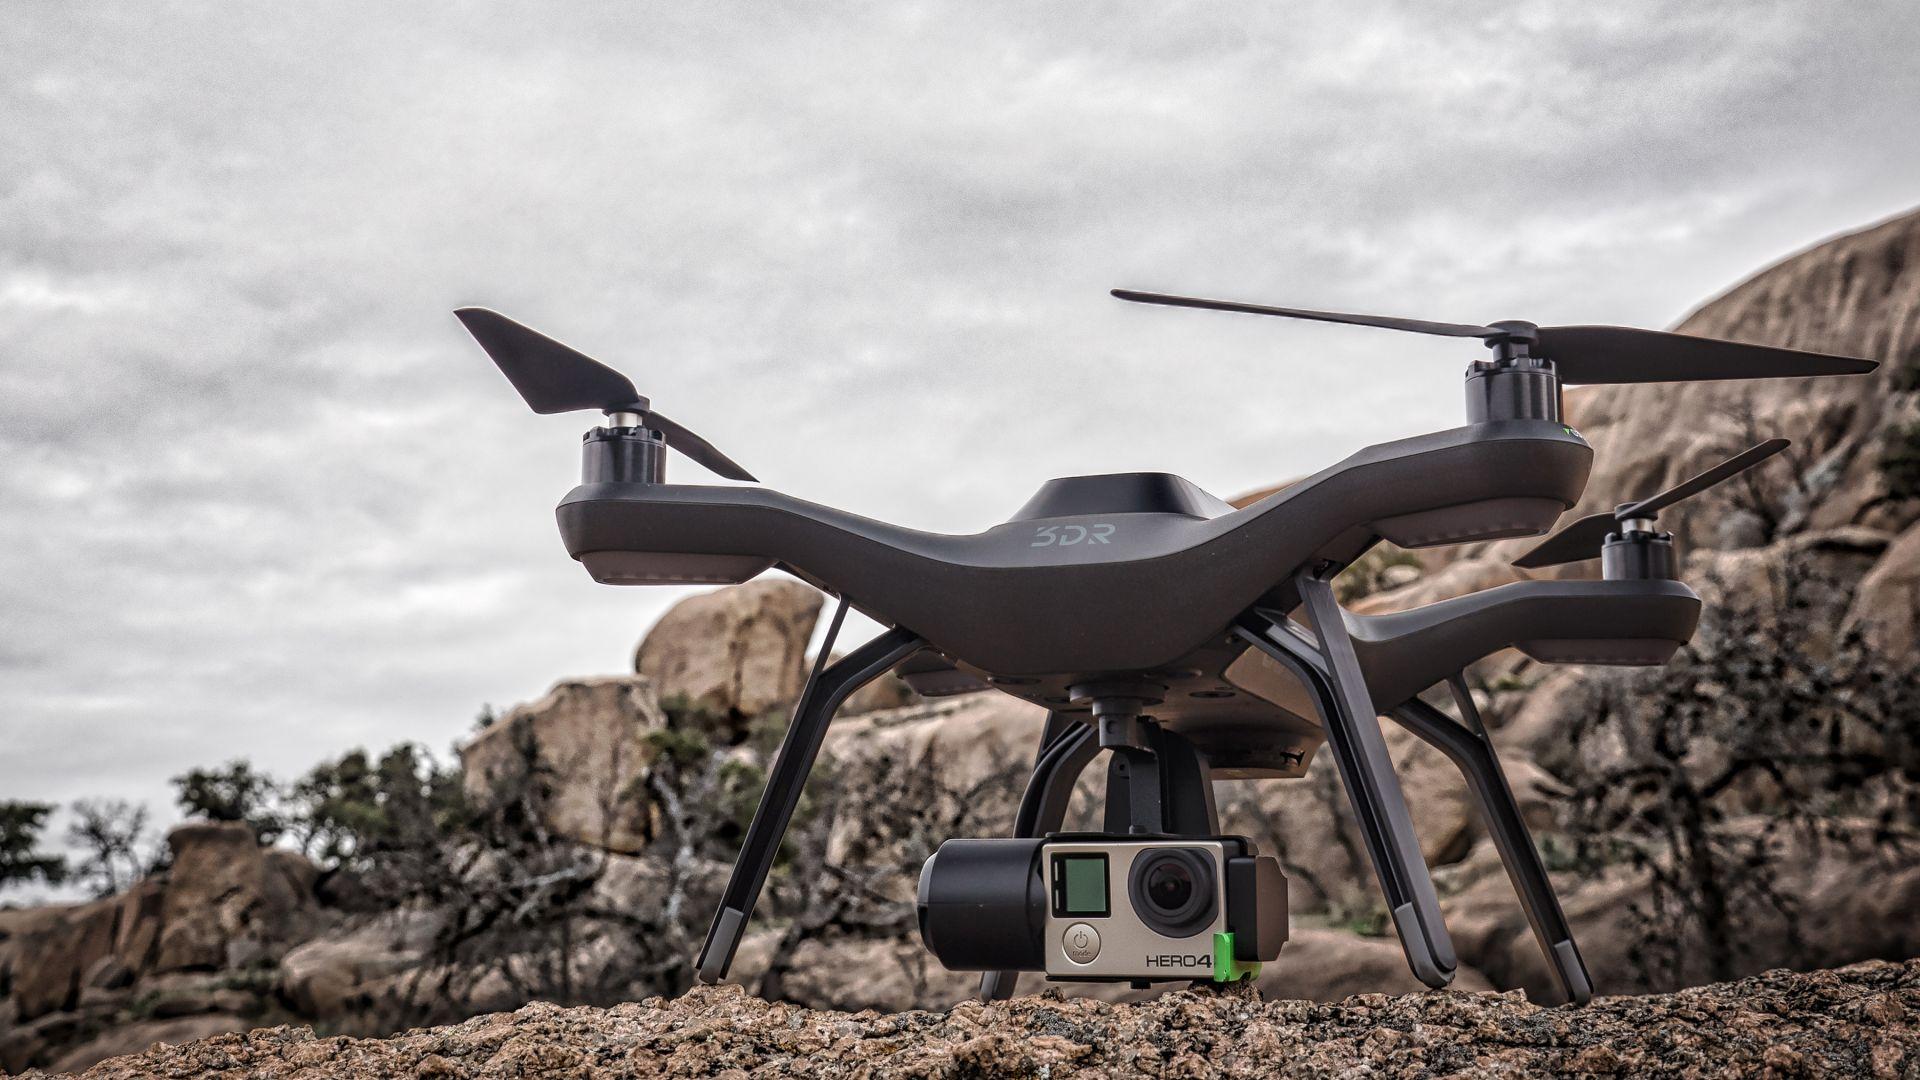 Что такое квадрокоптер: как он поднимается в воздух и управляется с земли